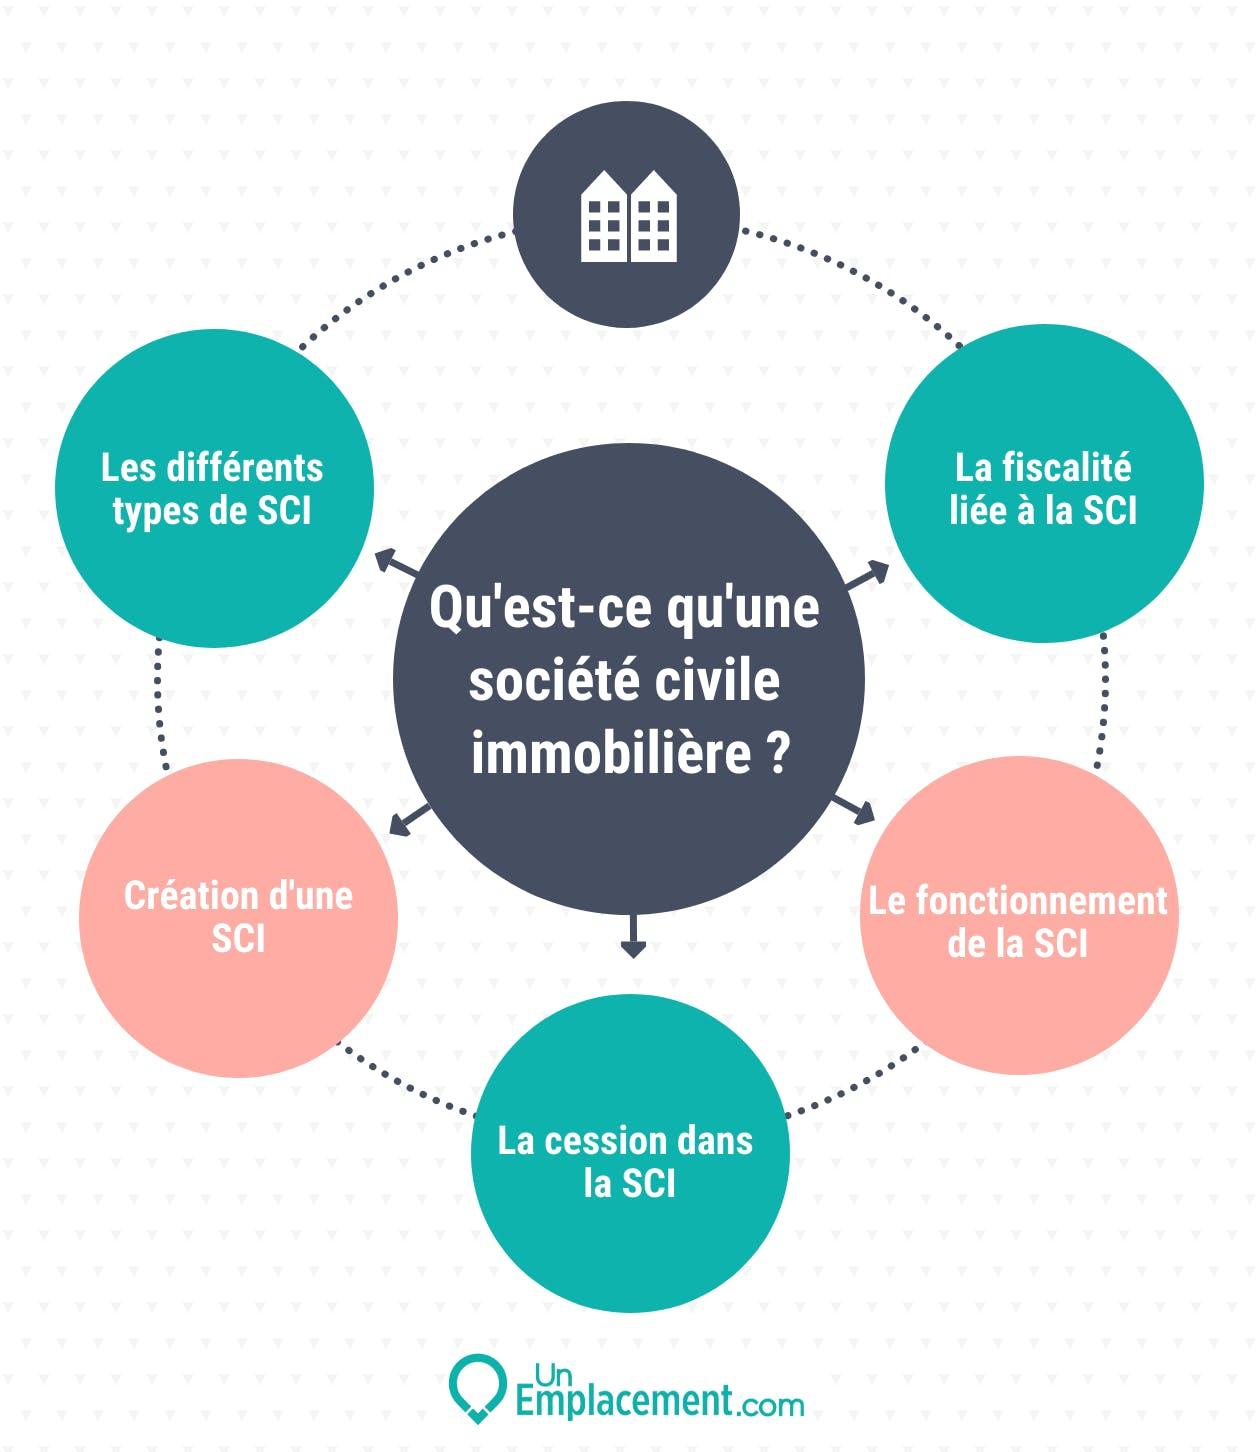 Infographie sur la SCI